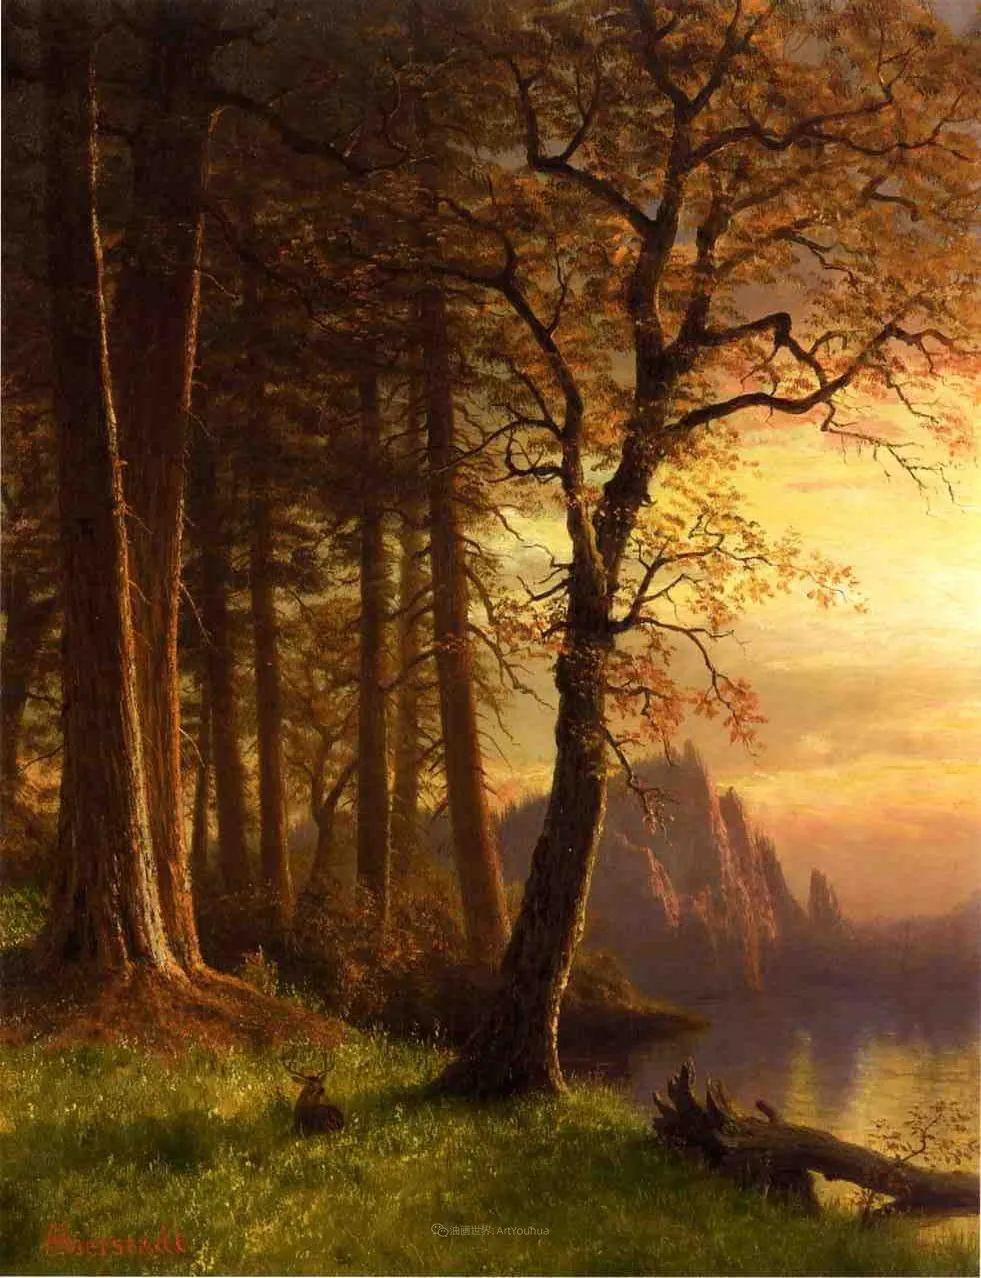 浪漫的光色,迷人的自然风光,强大视觉冲击力插图107